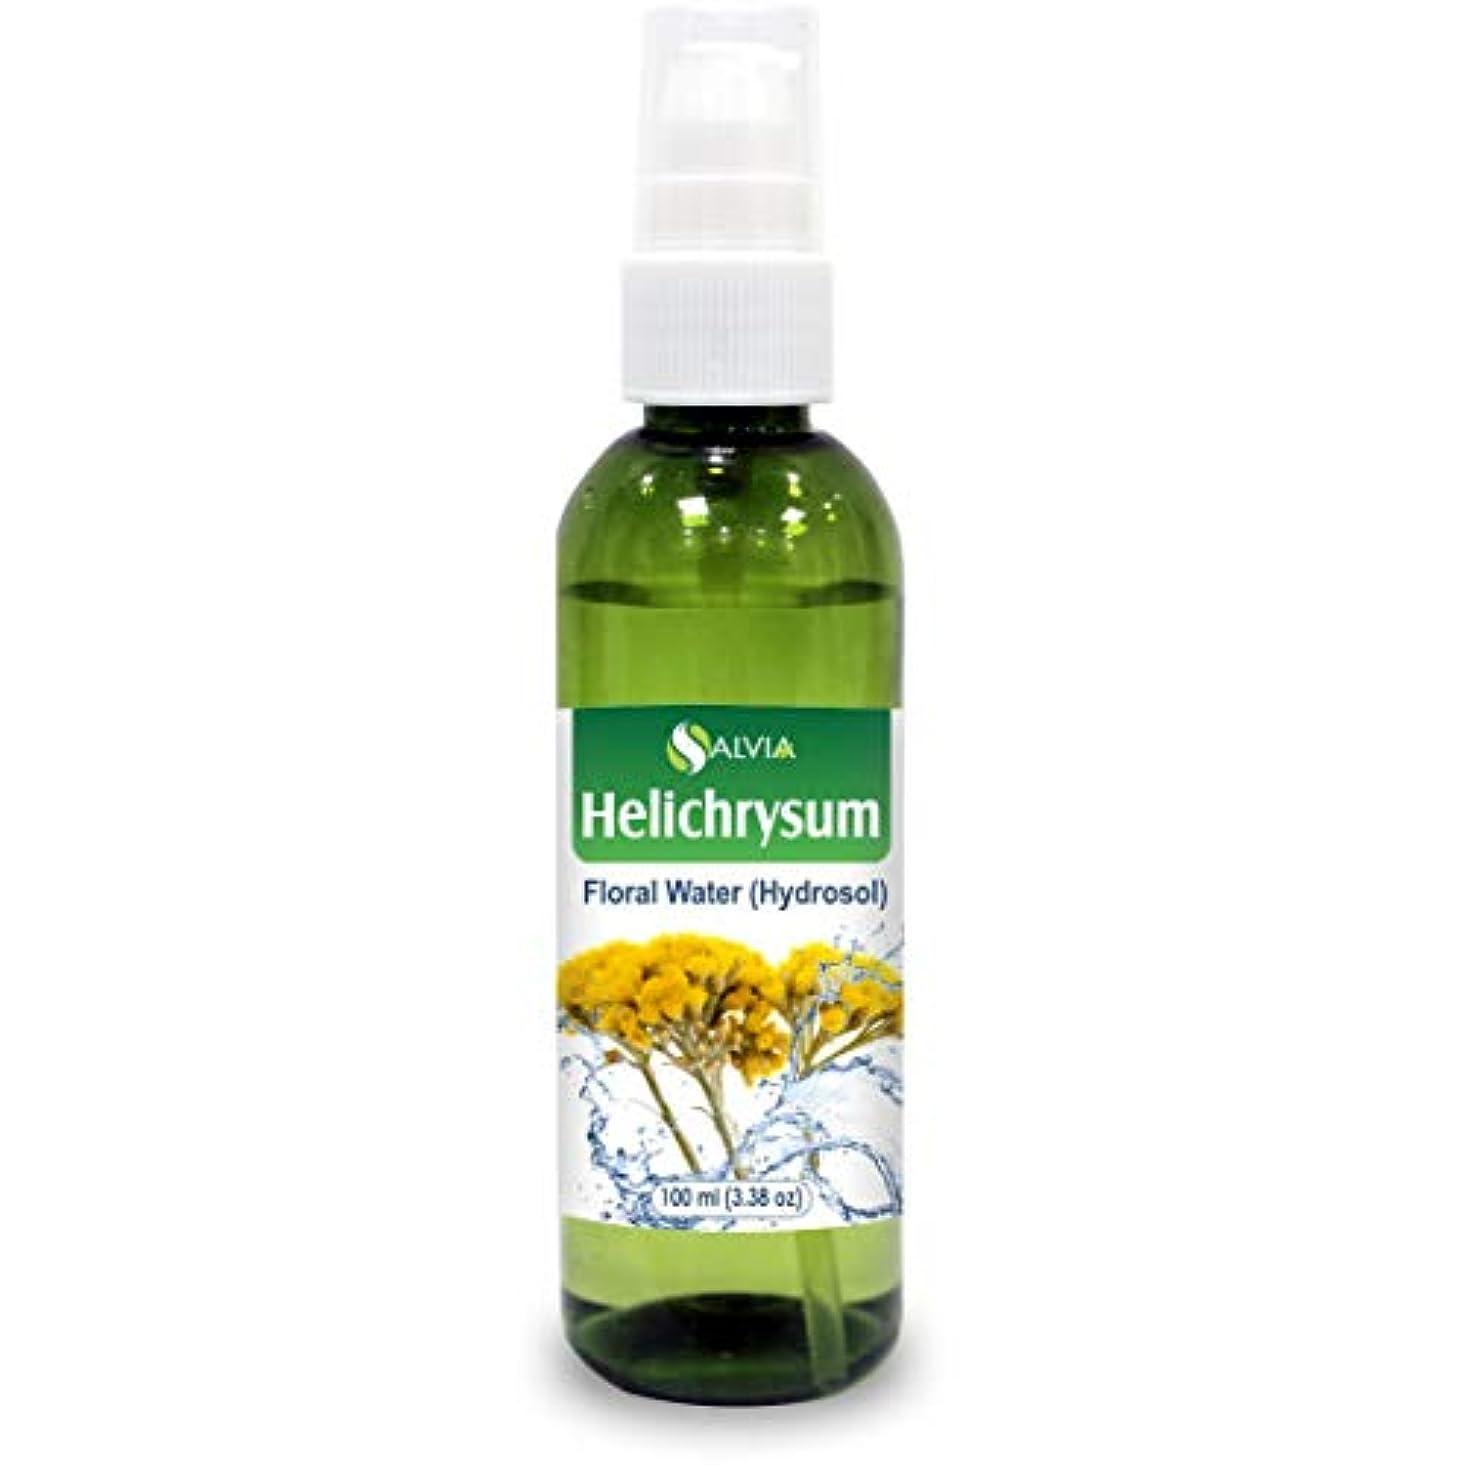 ツール栄光気候の山Helichrysum Floral Water 100ml (Hydrosol) 100% Pure And Natural